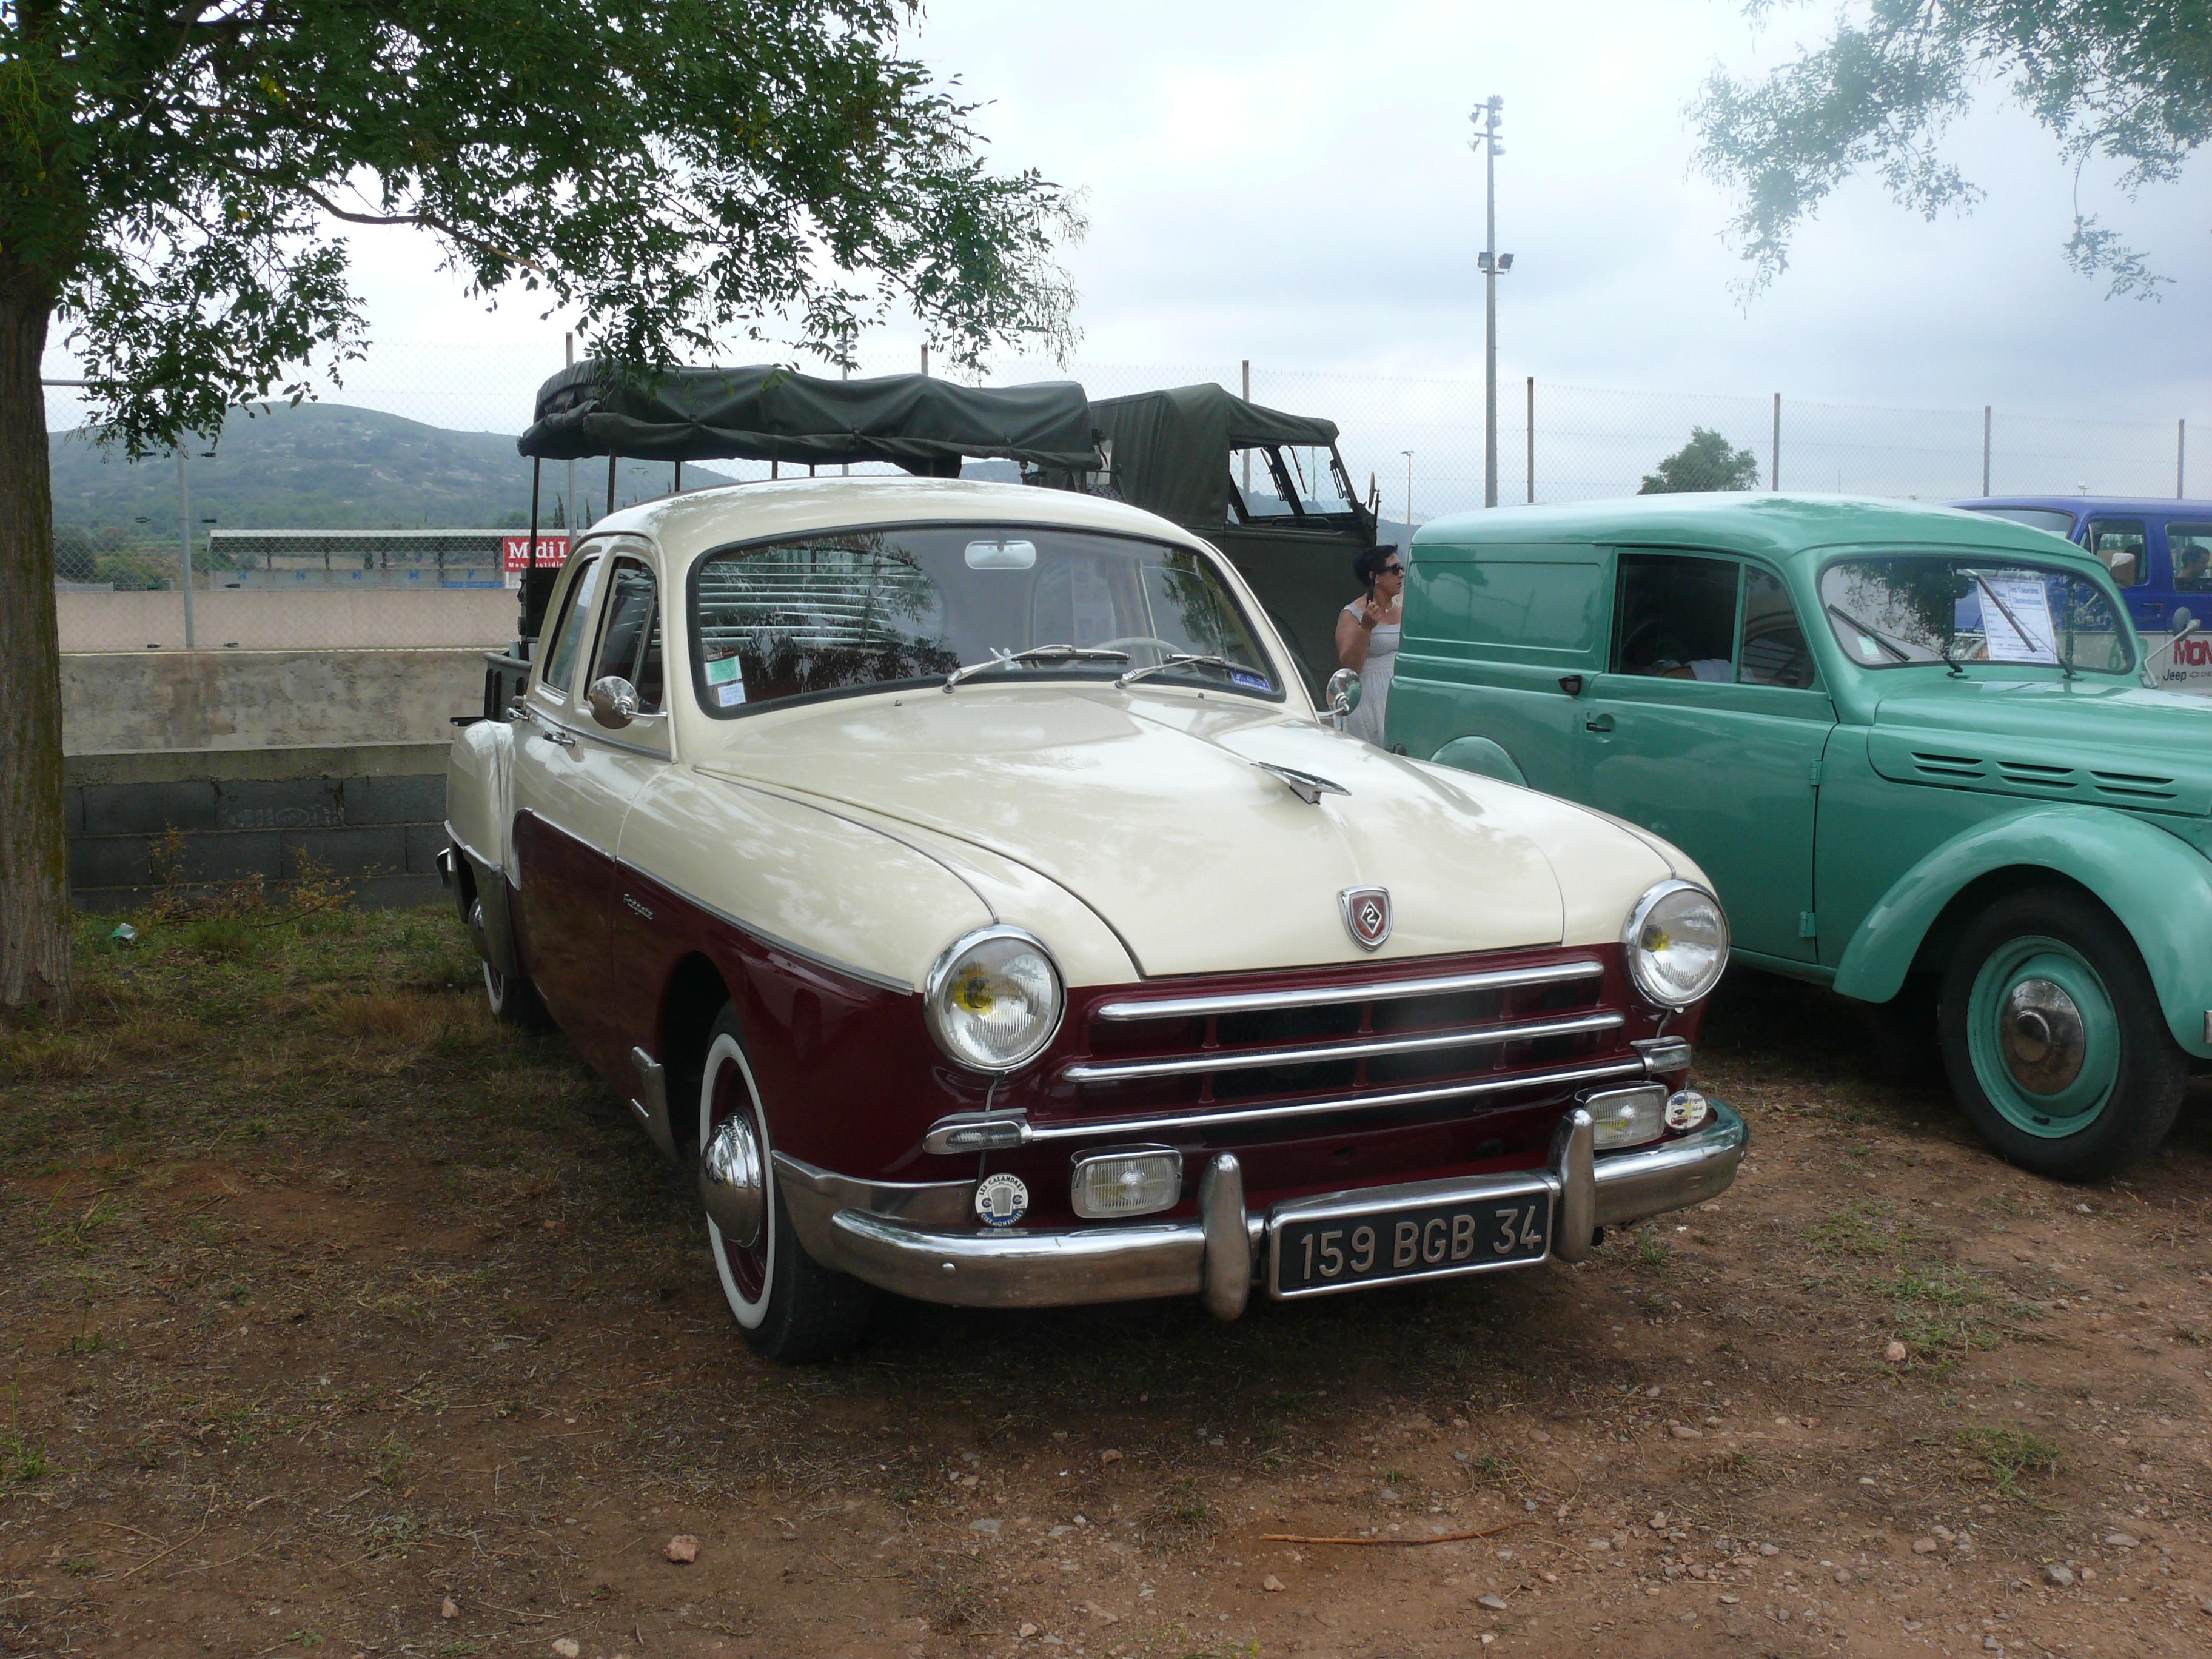 renault fr u00e9gate 11 cv 1952 poussan  maquetland com   le